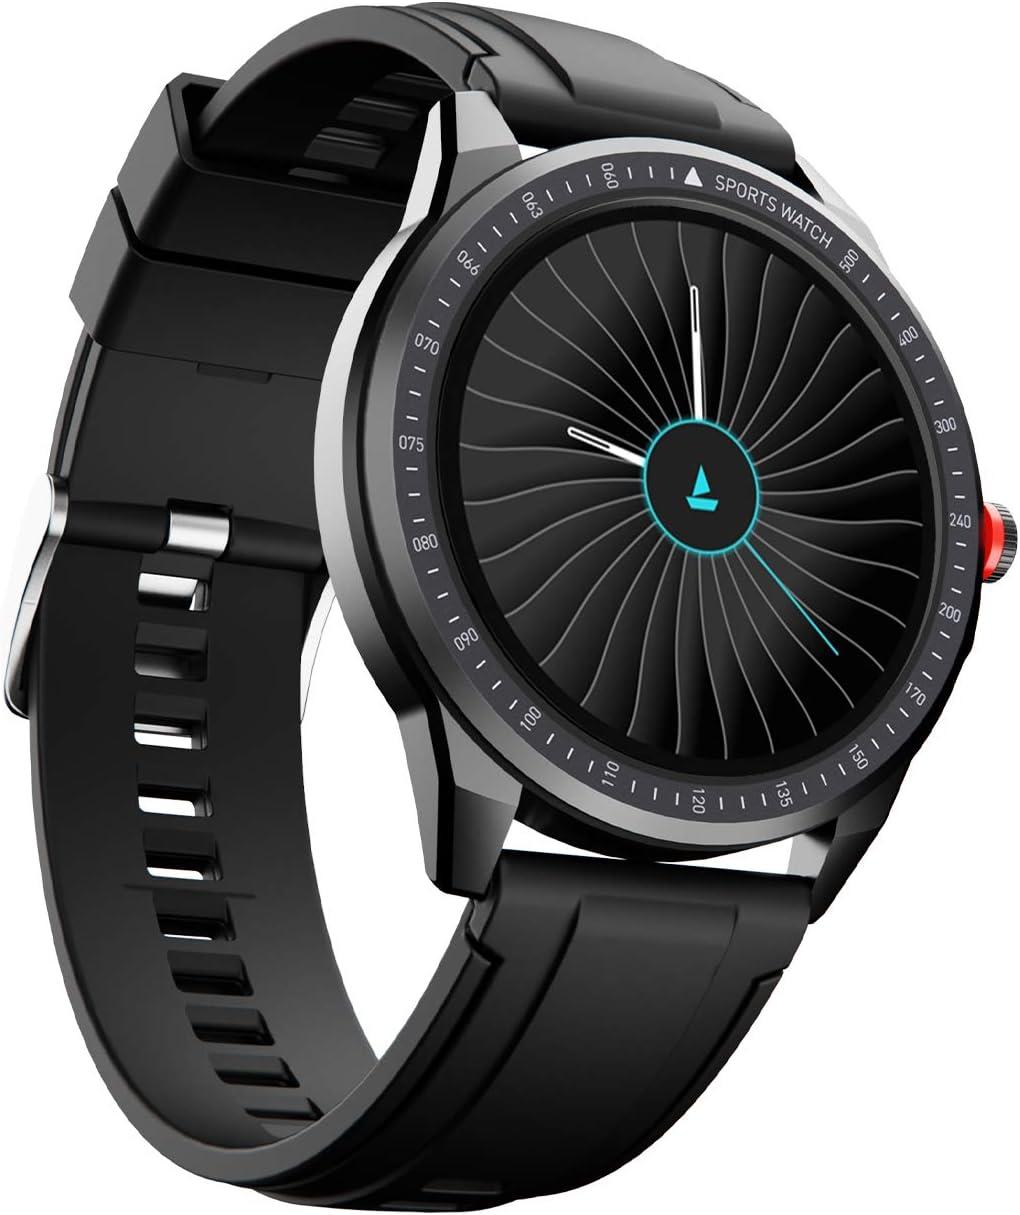 Boat Watch Flash Smart watch